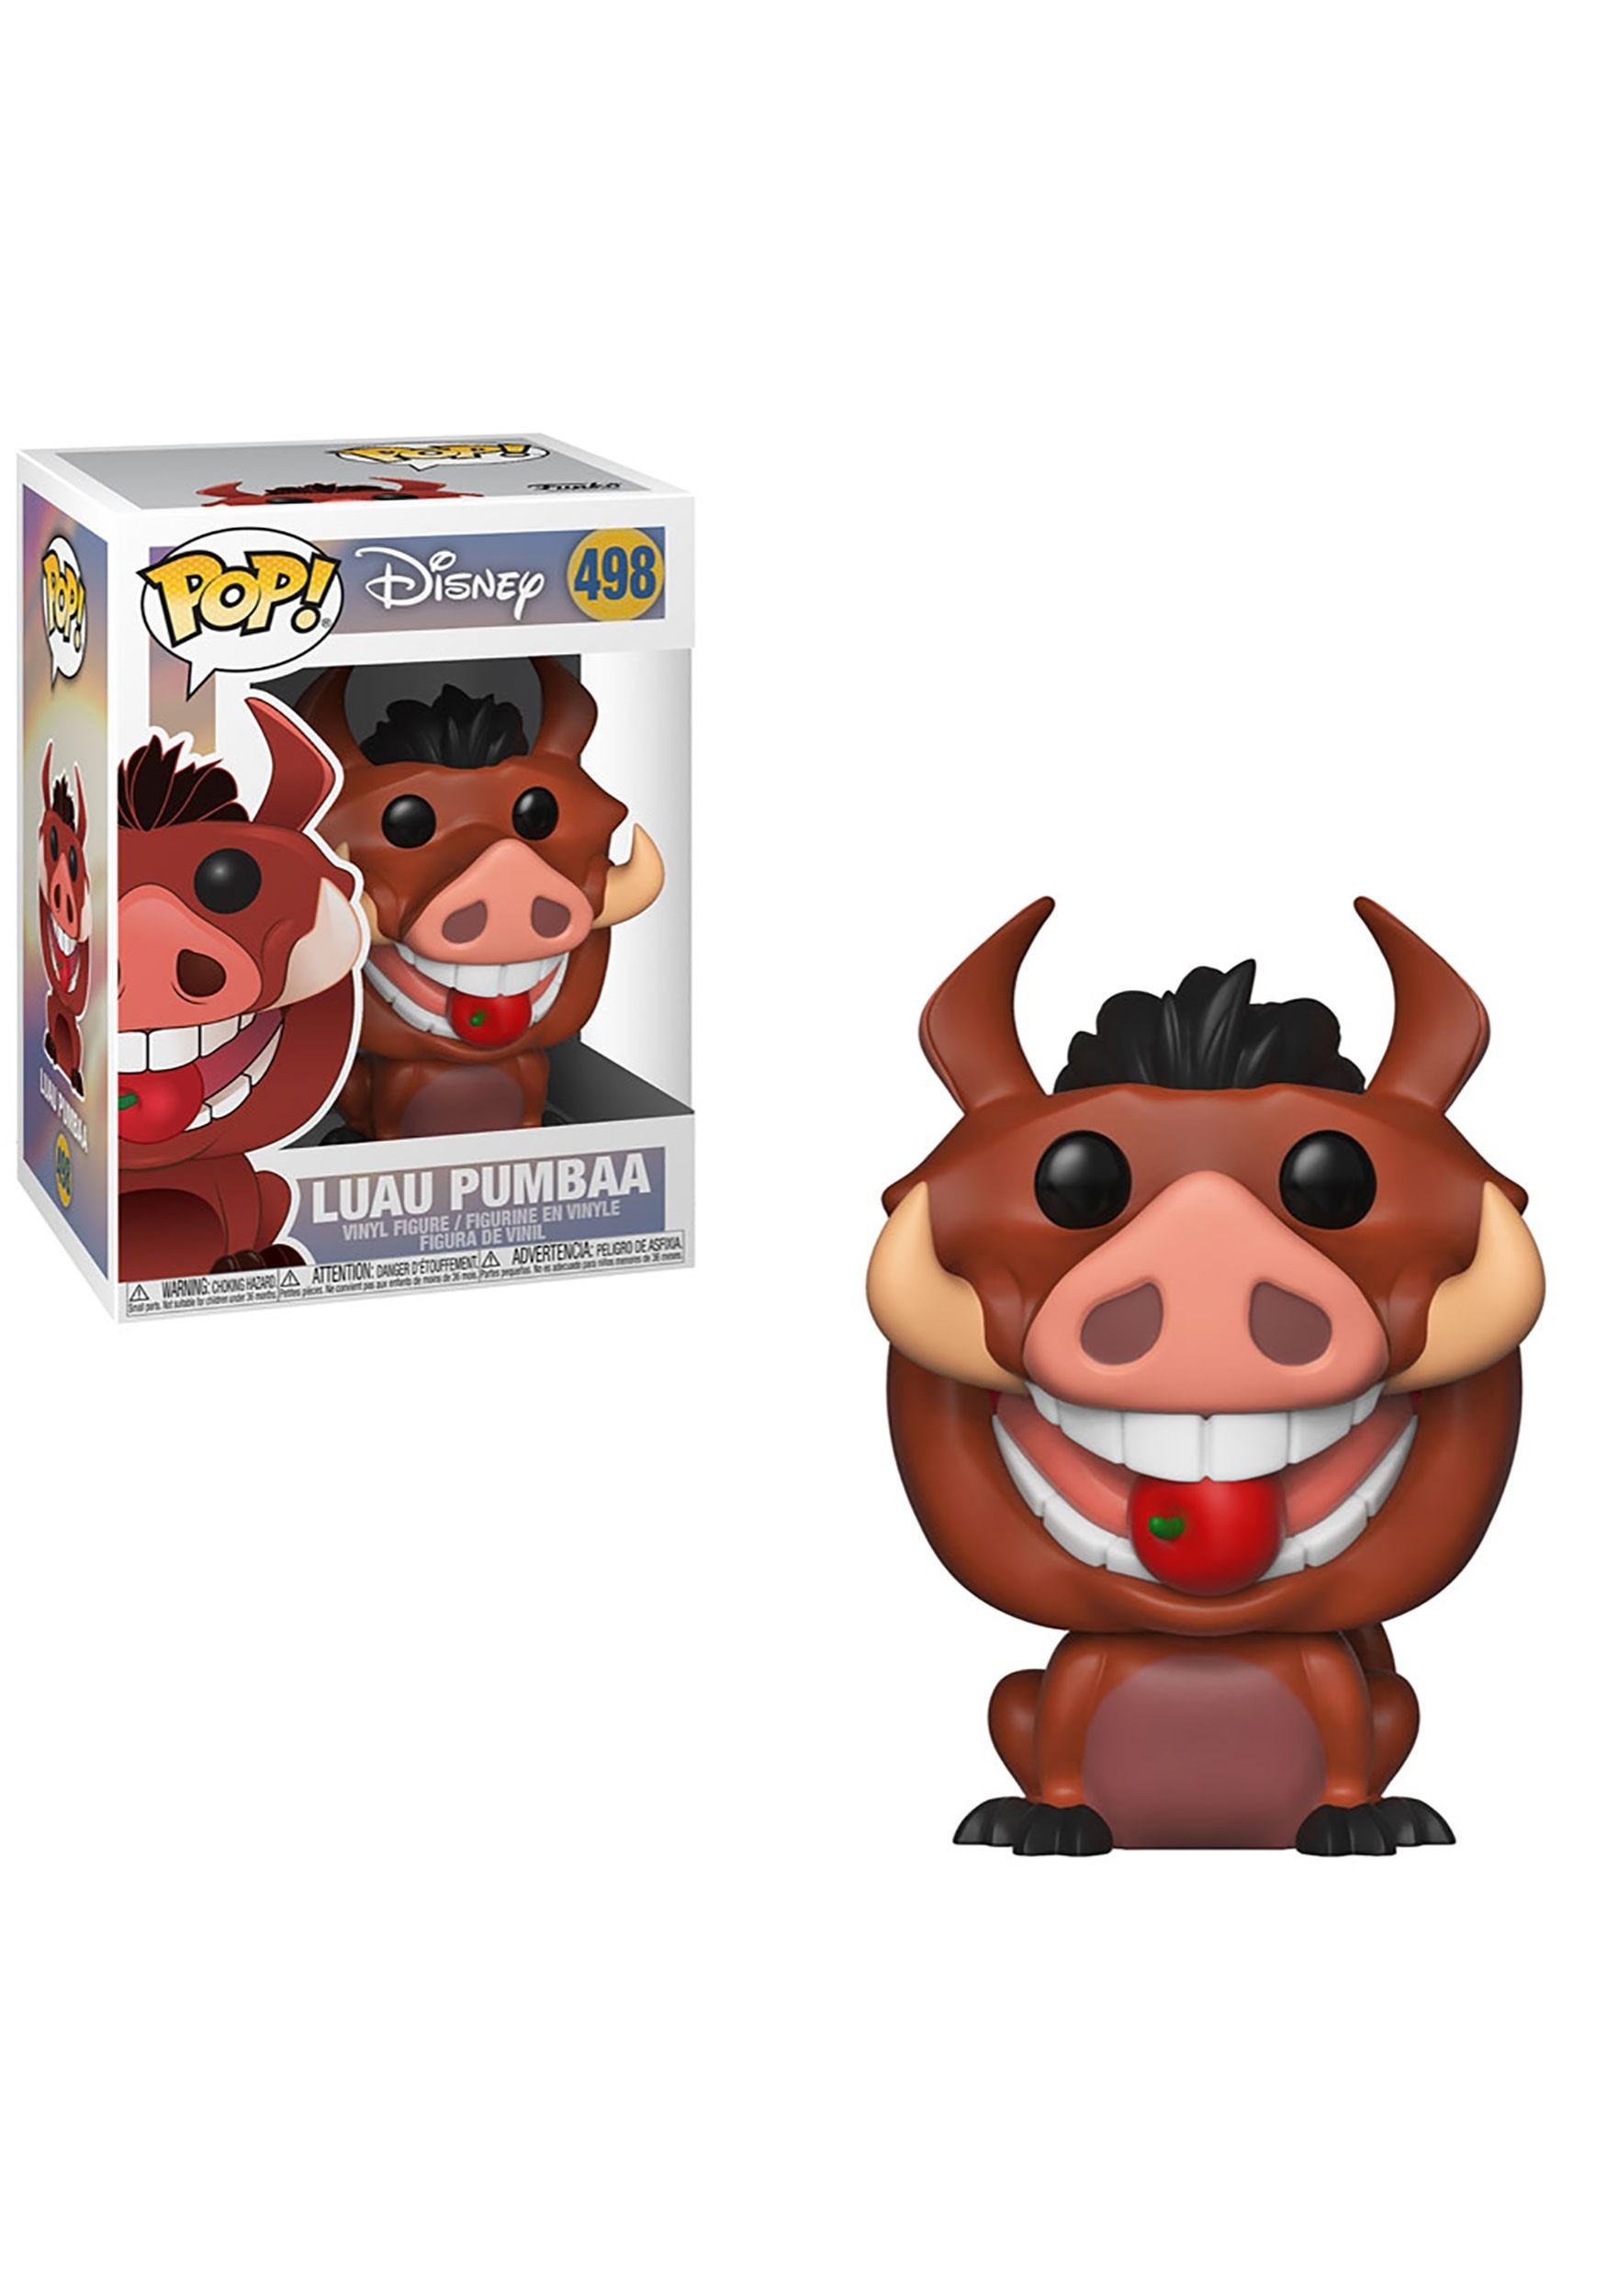 Pop! Disney: Luau Pumbaa- Lion King